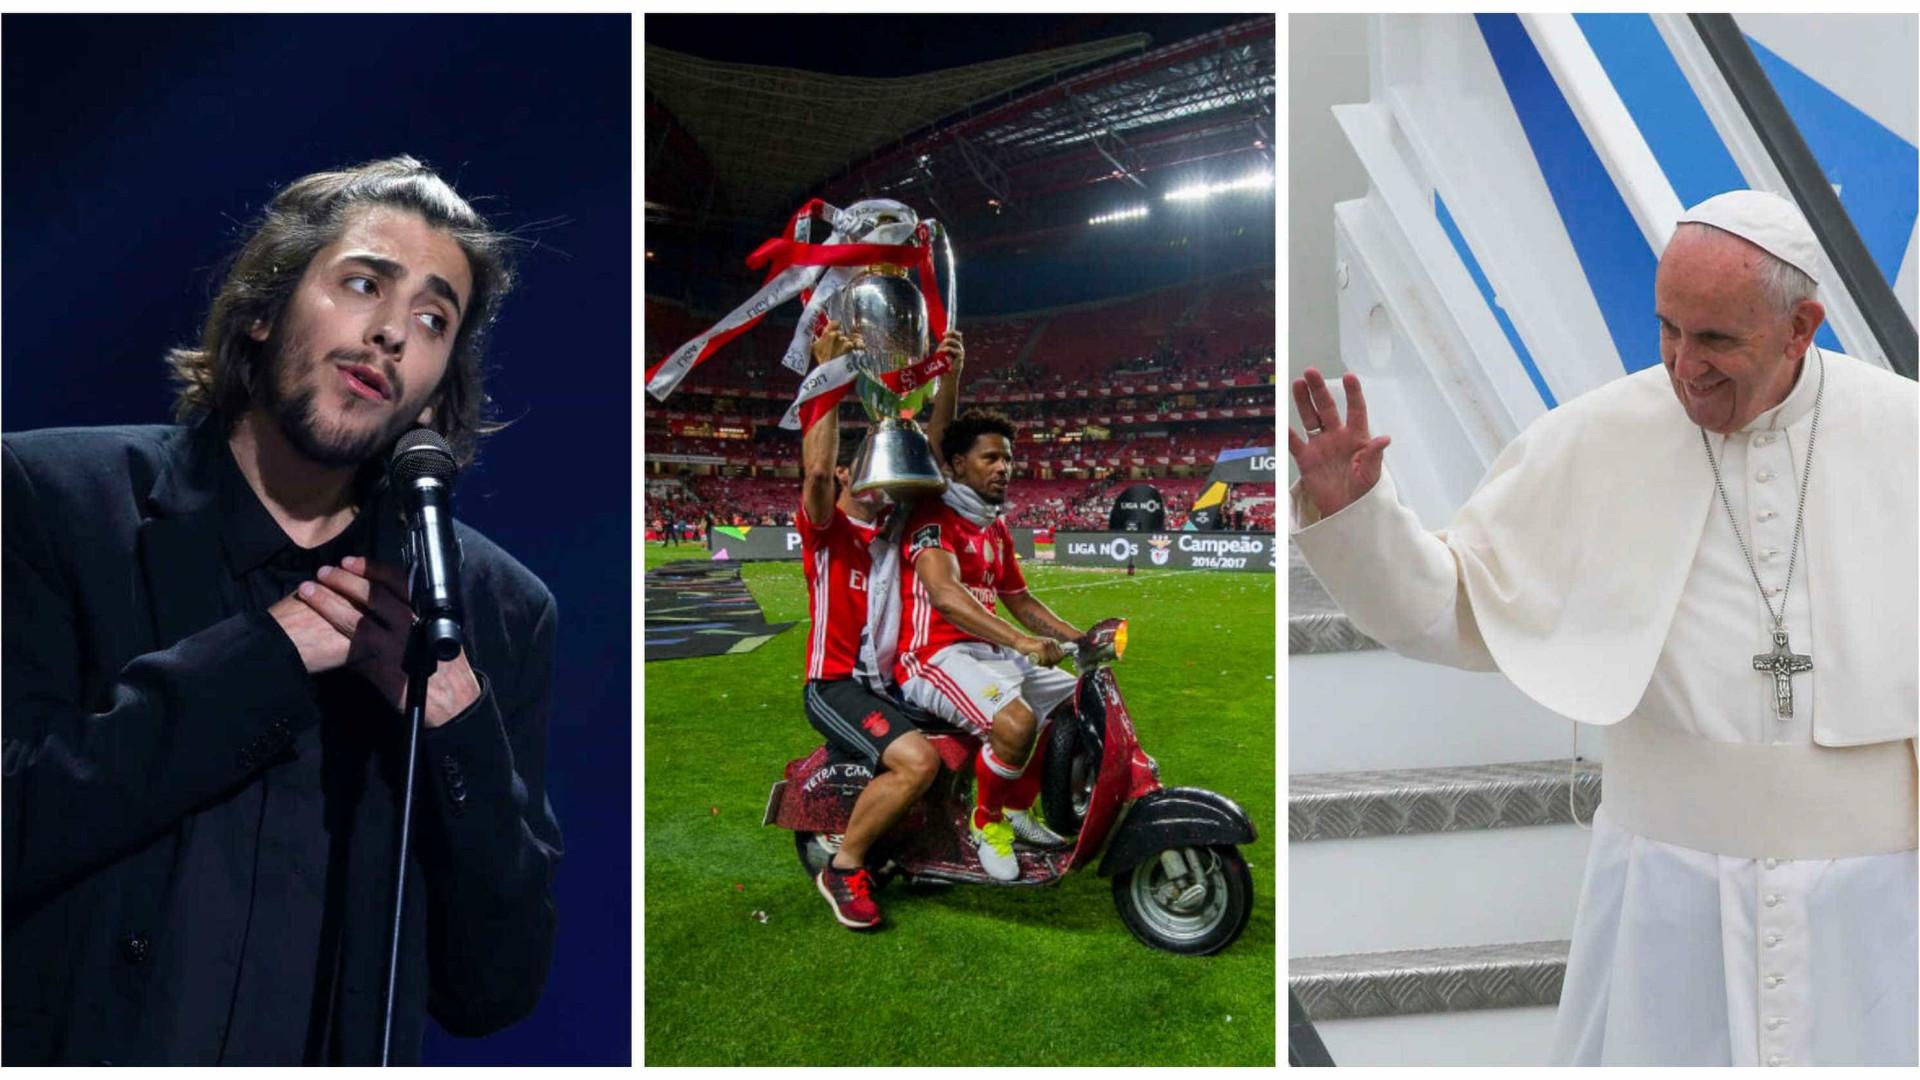 Salvador Sobral, Benfica ou Papa: Quem recebeu mais atenção online?